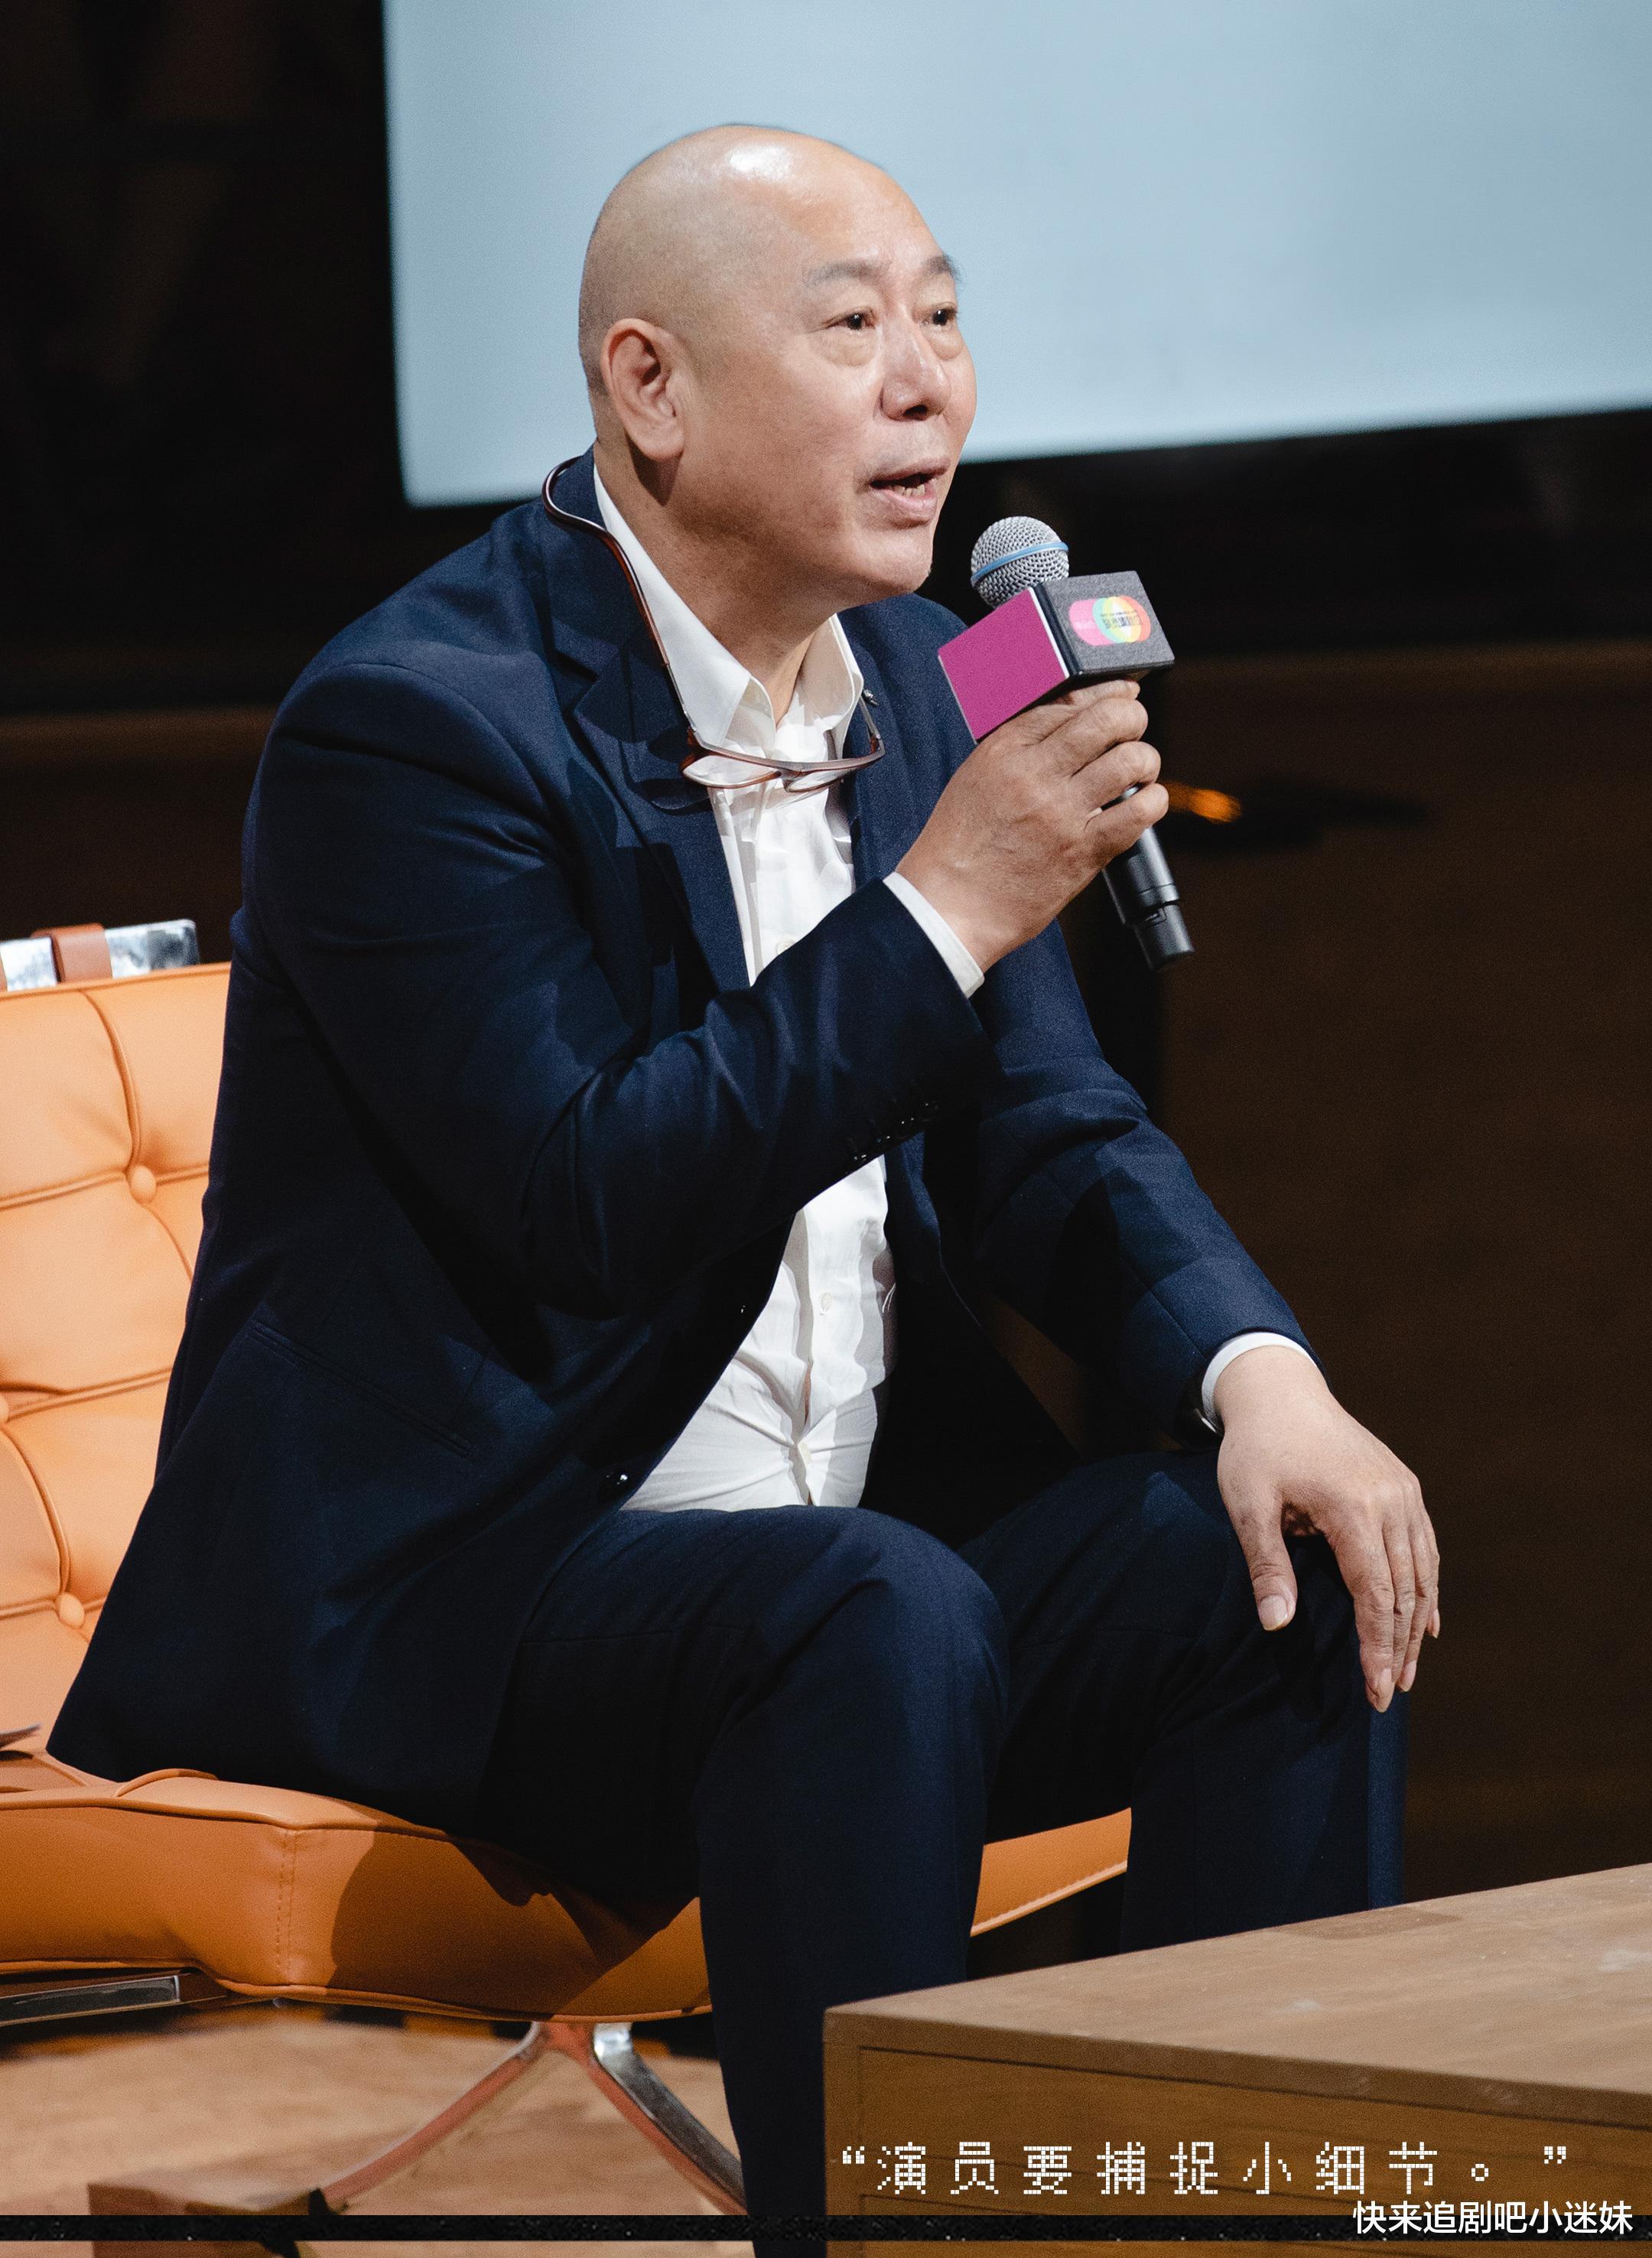 郭敬明推何昶希制造熱度,為新電影《晴雅集》造勢,精明商人-圖2